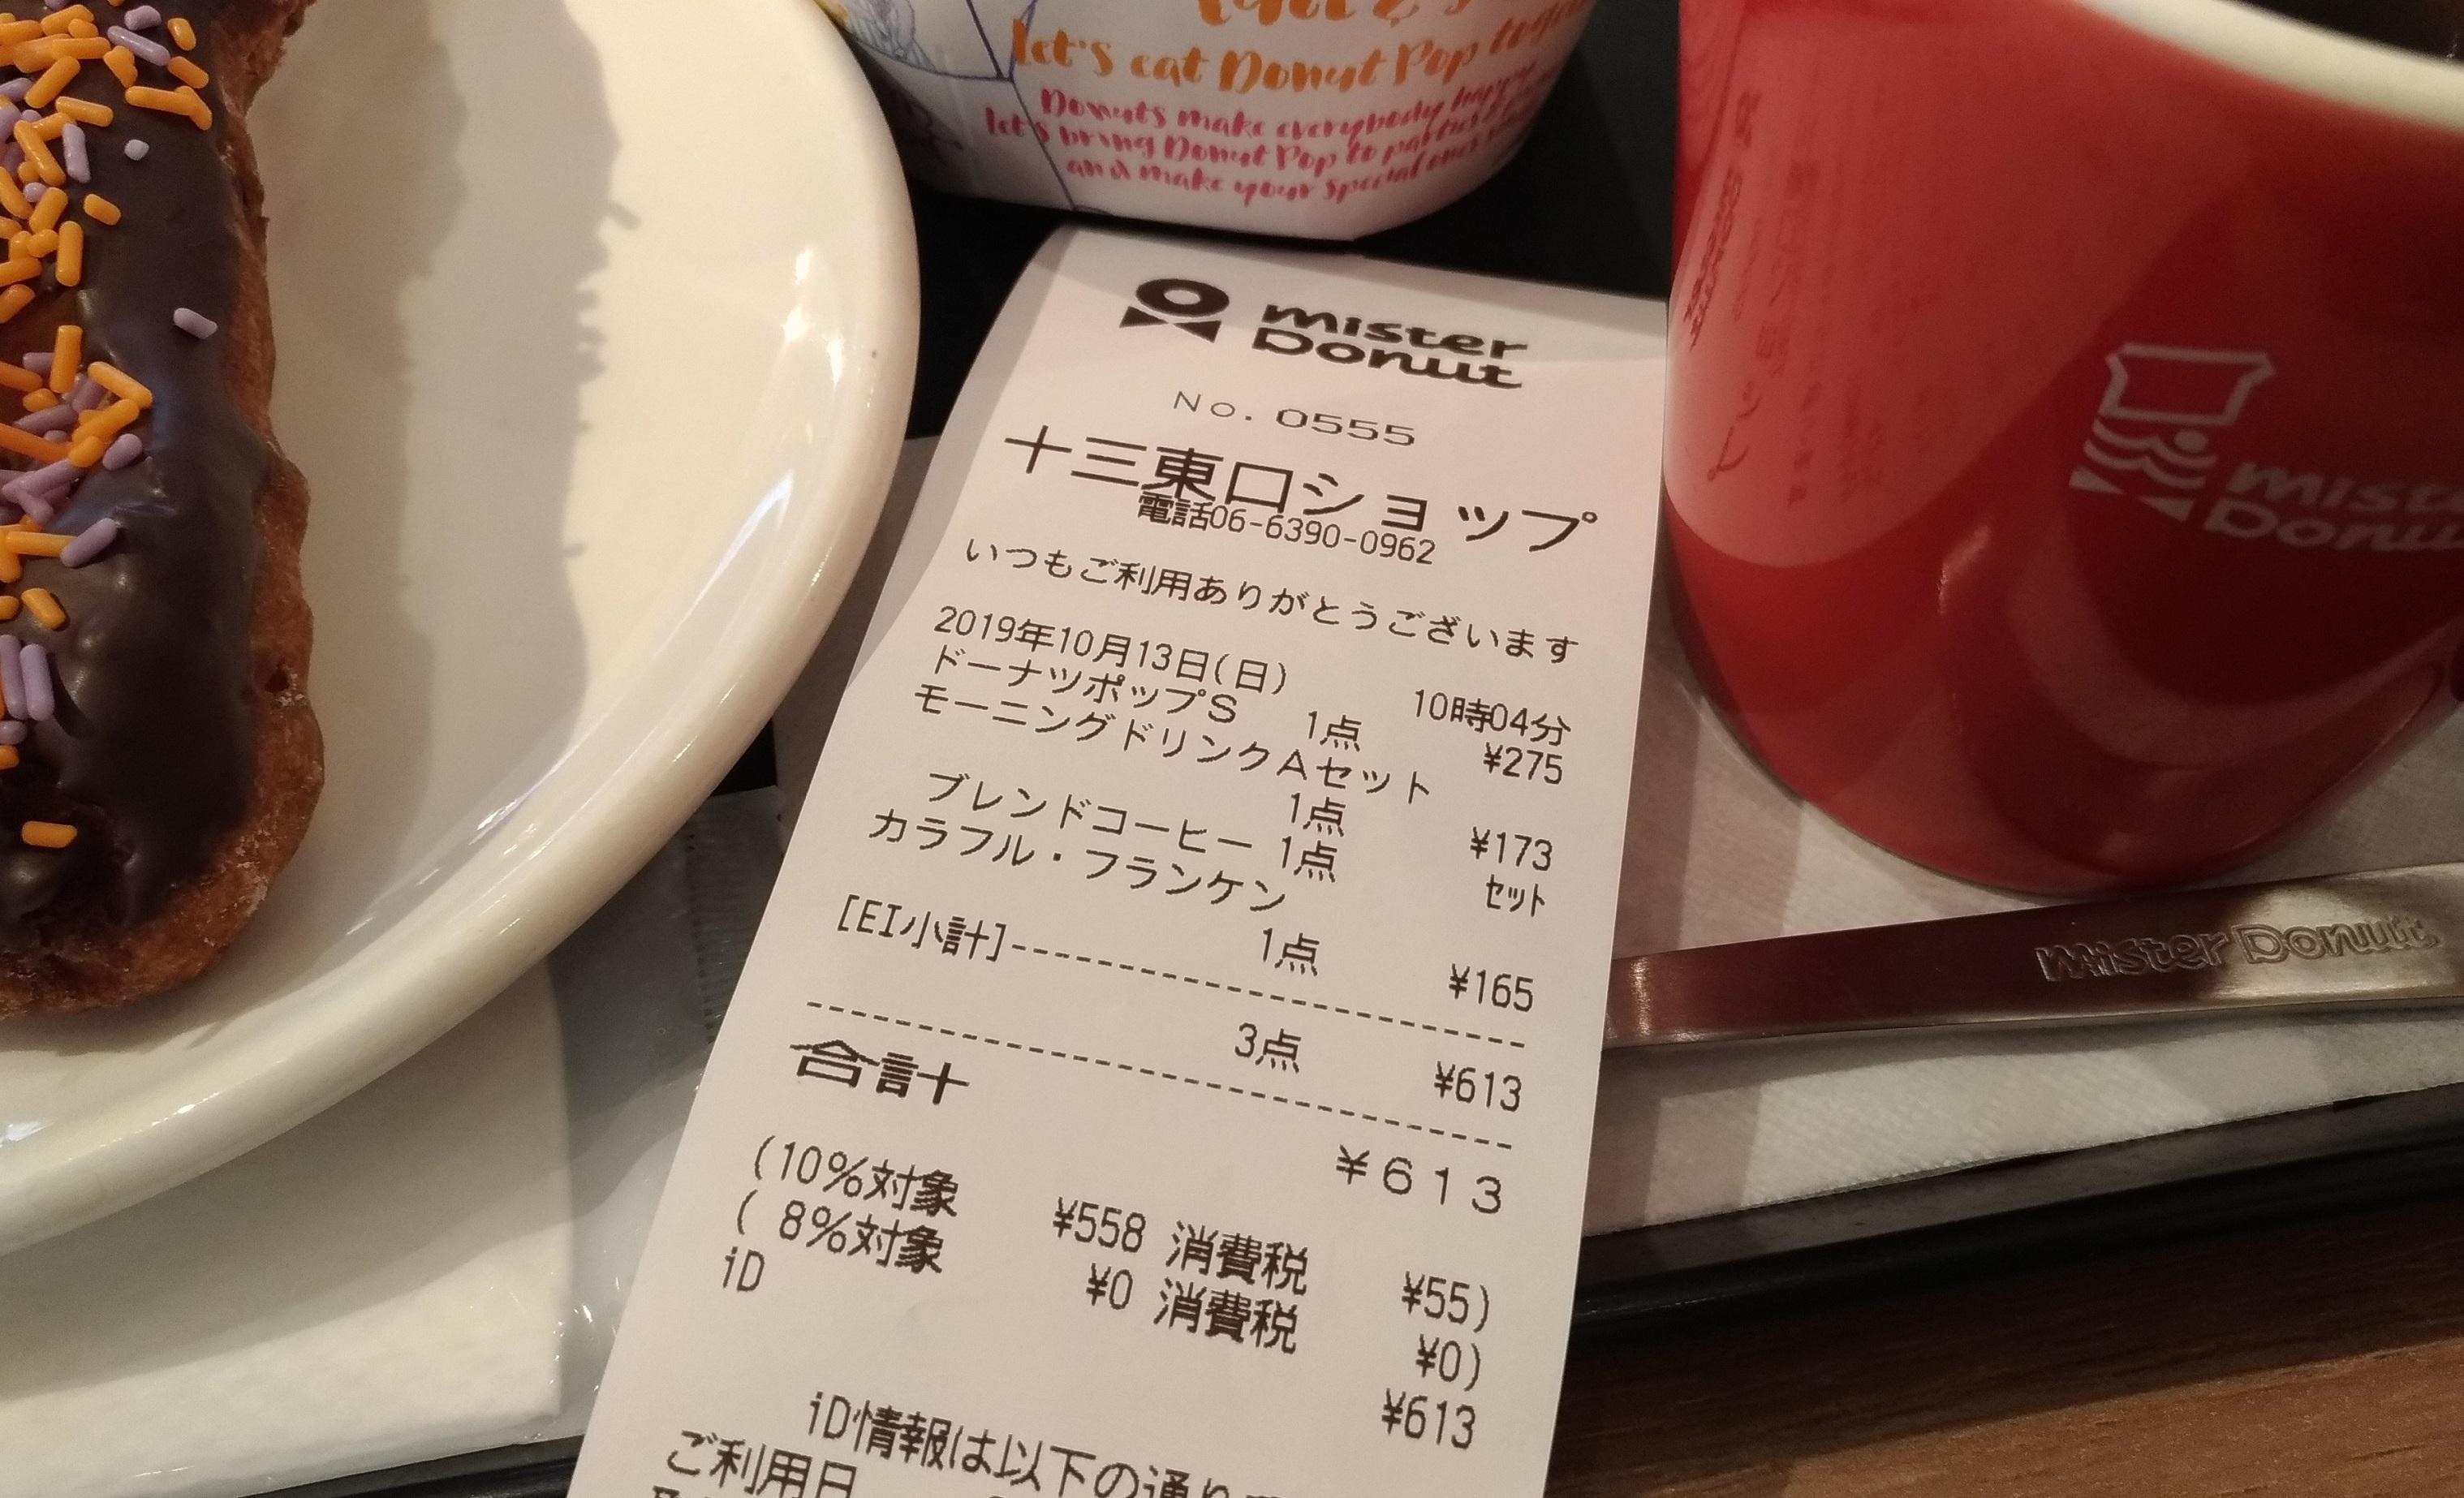 misudo_10shhizei_tennai.jpg